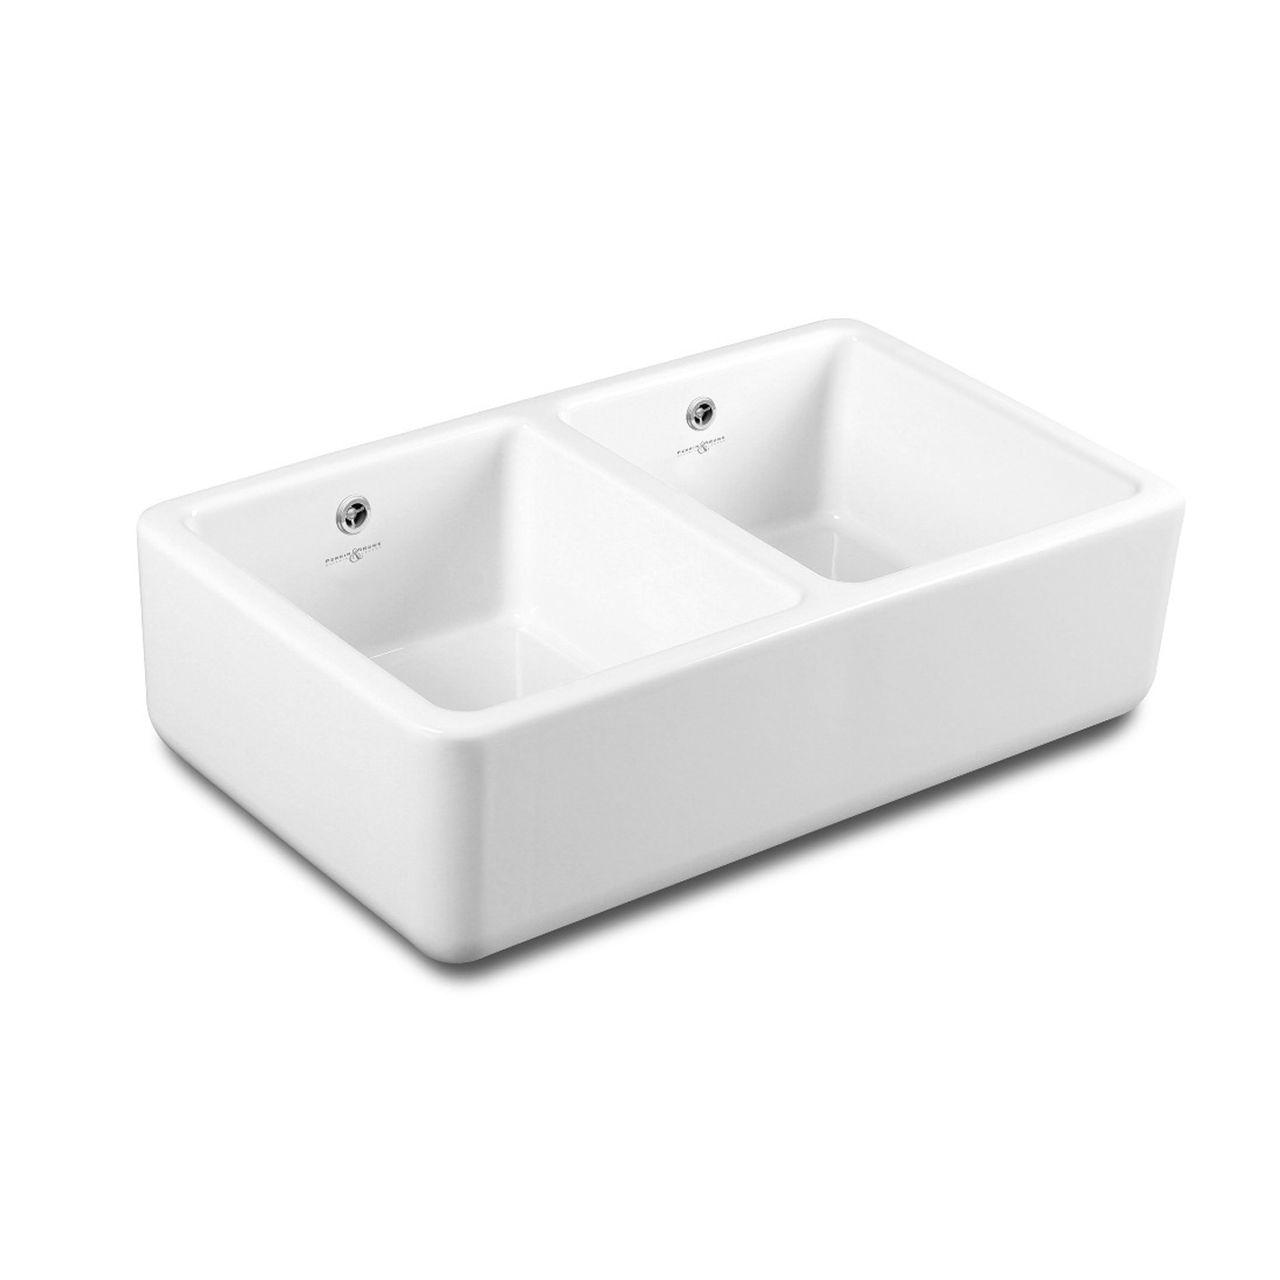 Lavello Cucina 2 Vasche Ceramica – Galleria di immagini per la casa